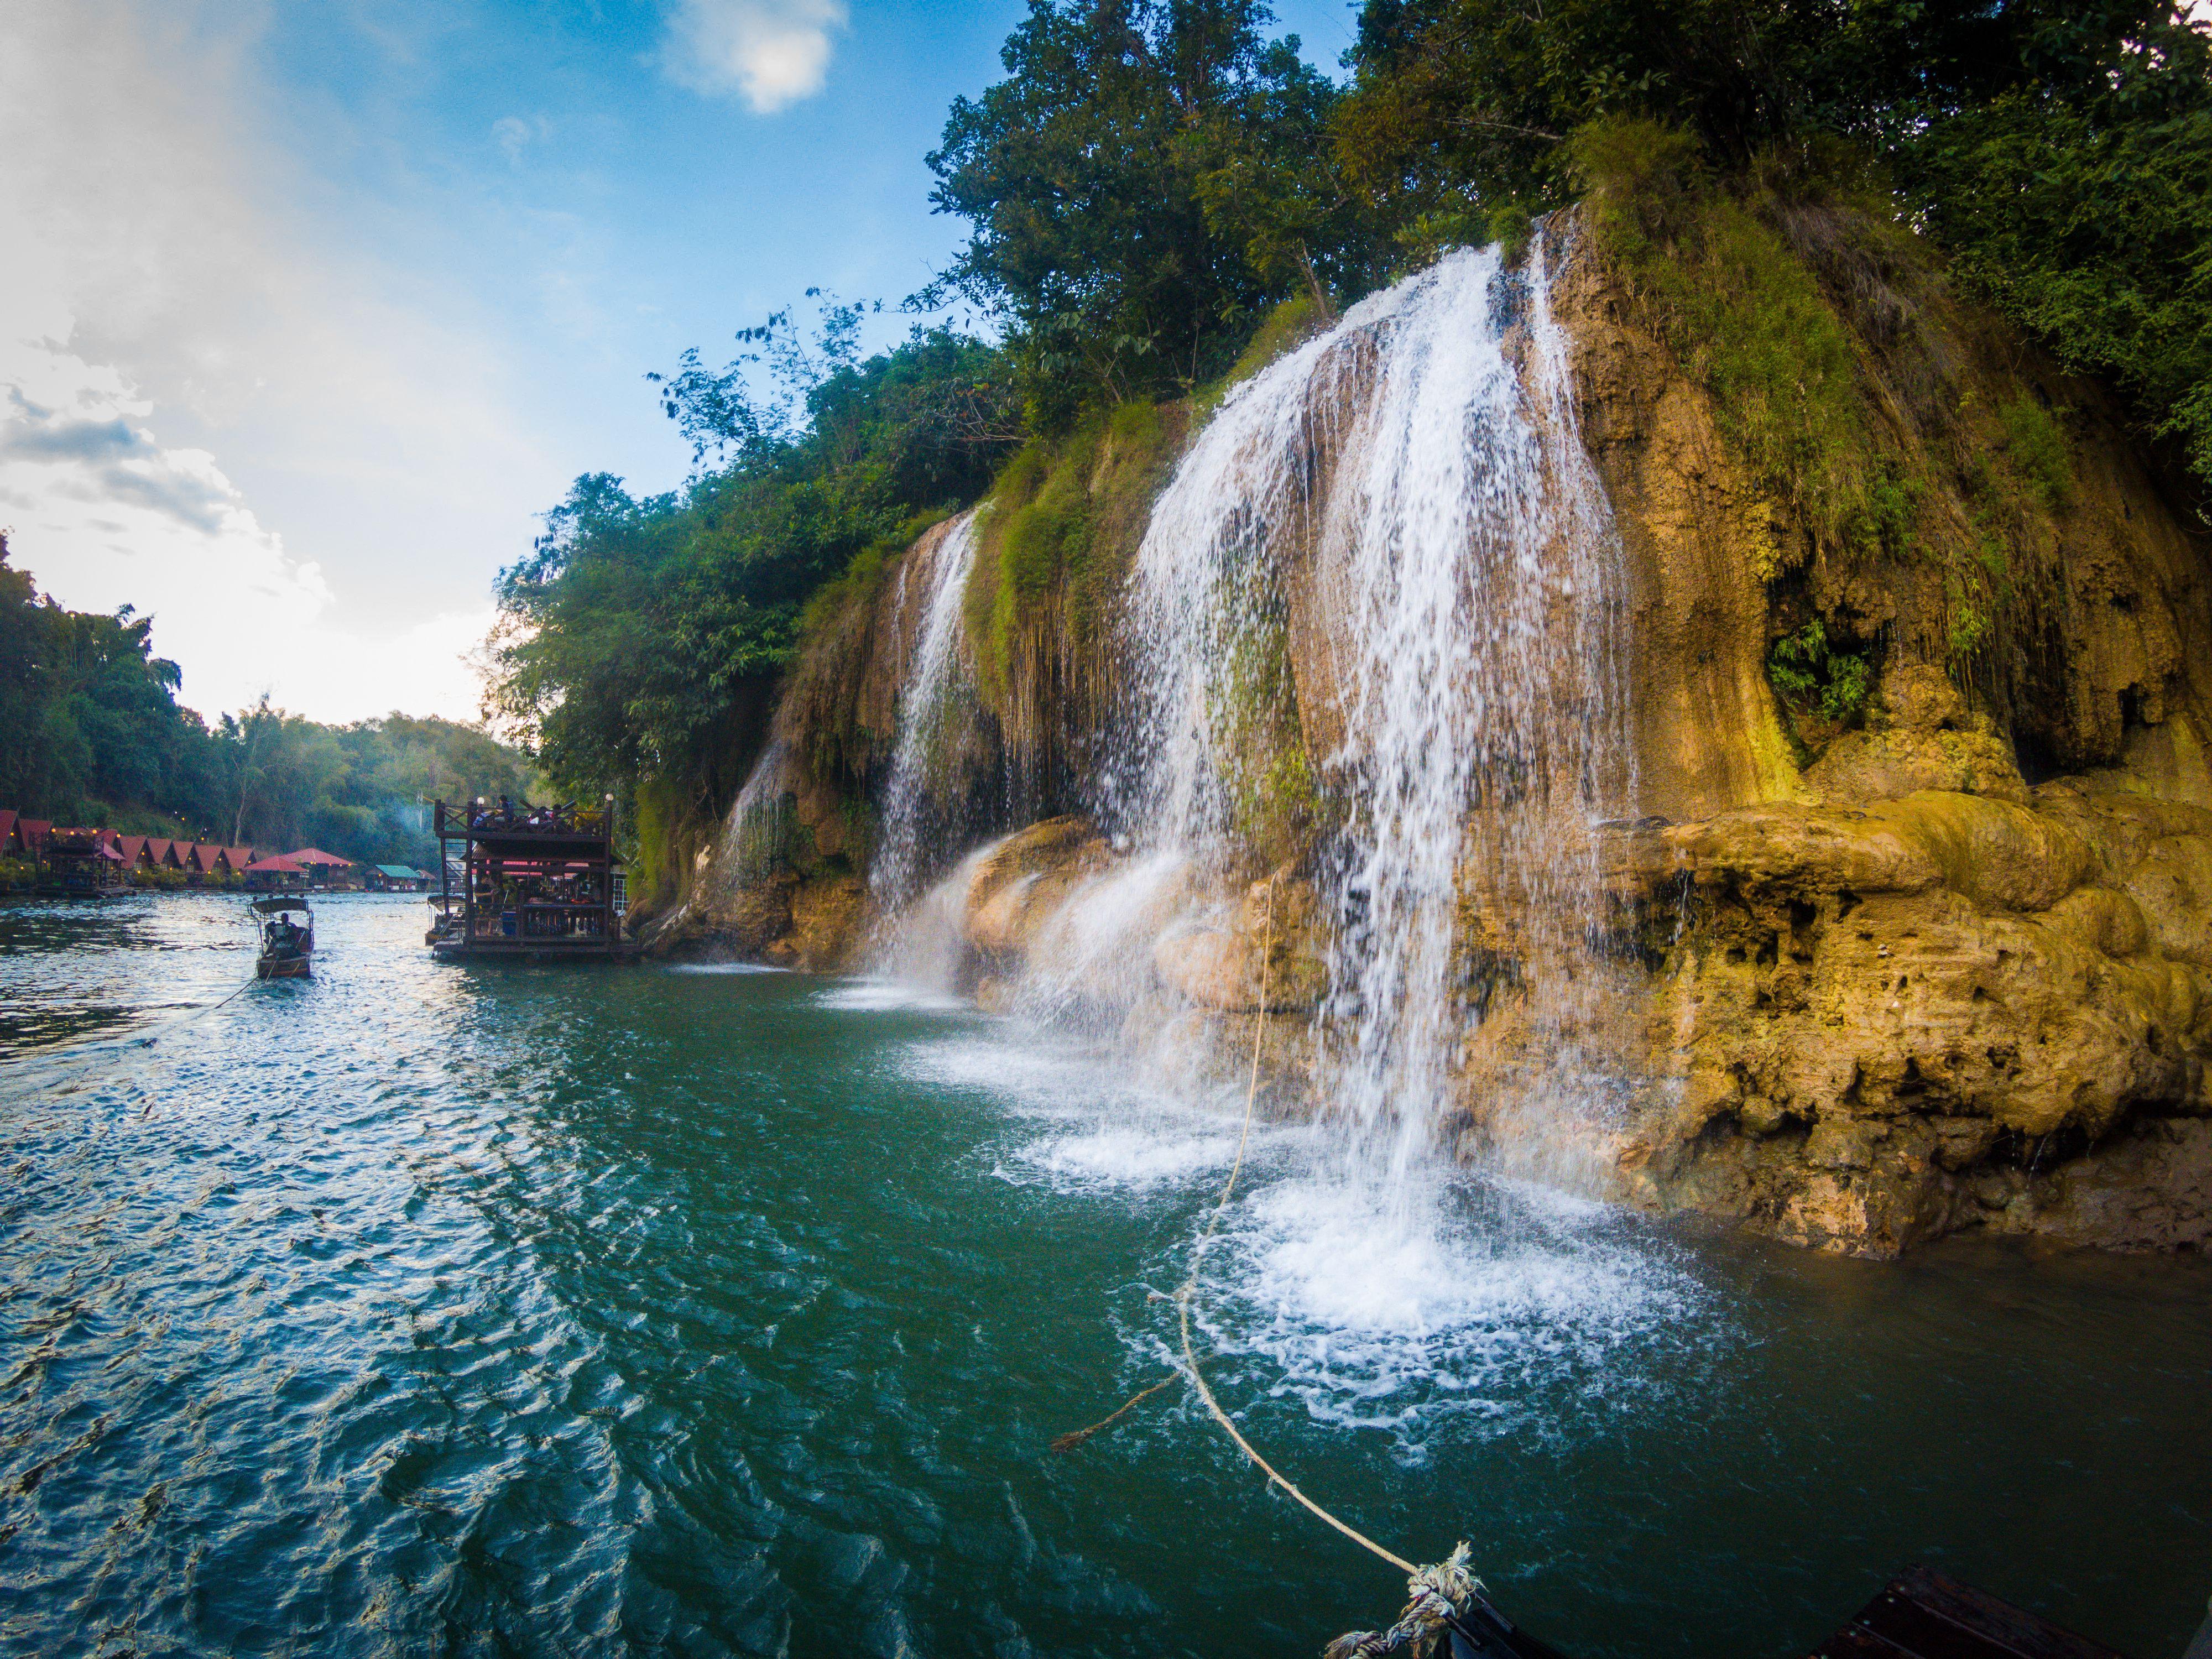 Sai Yok Lek Waterfall near Kanchanaburi